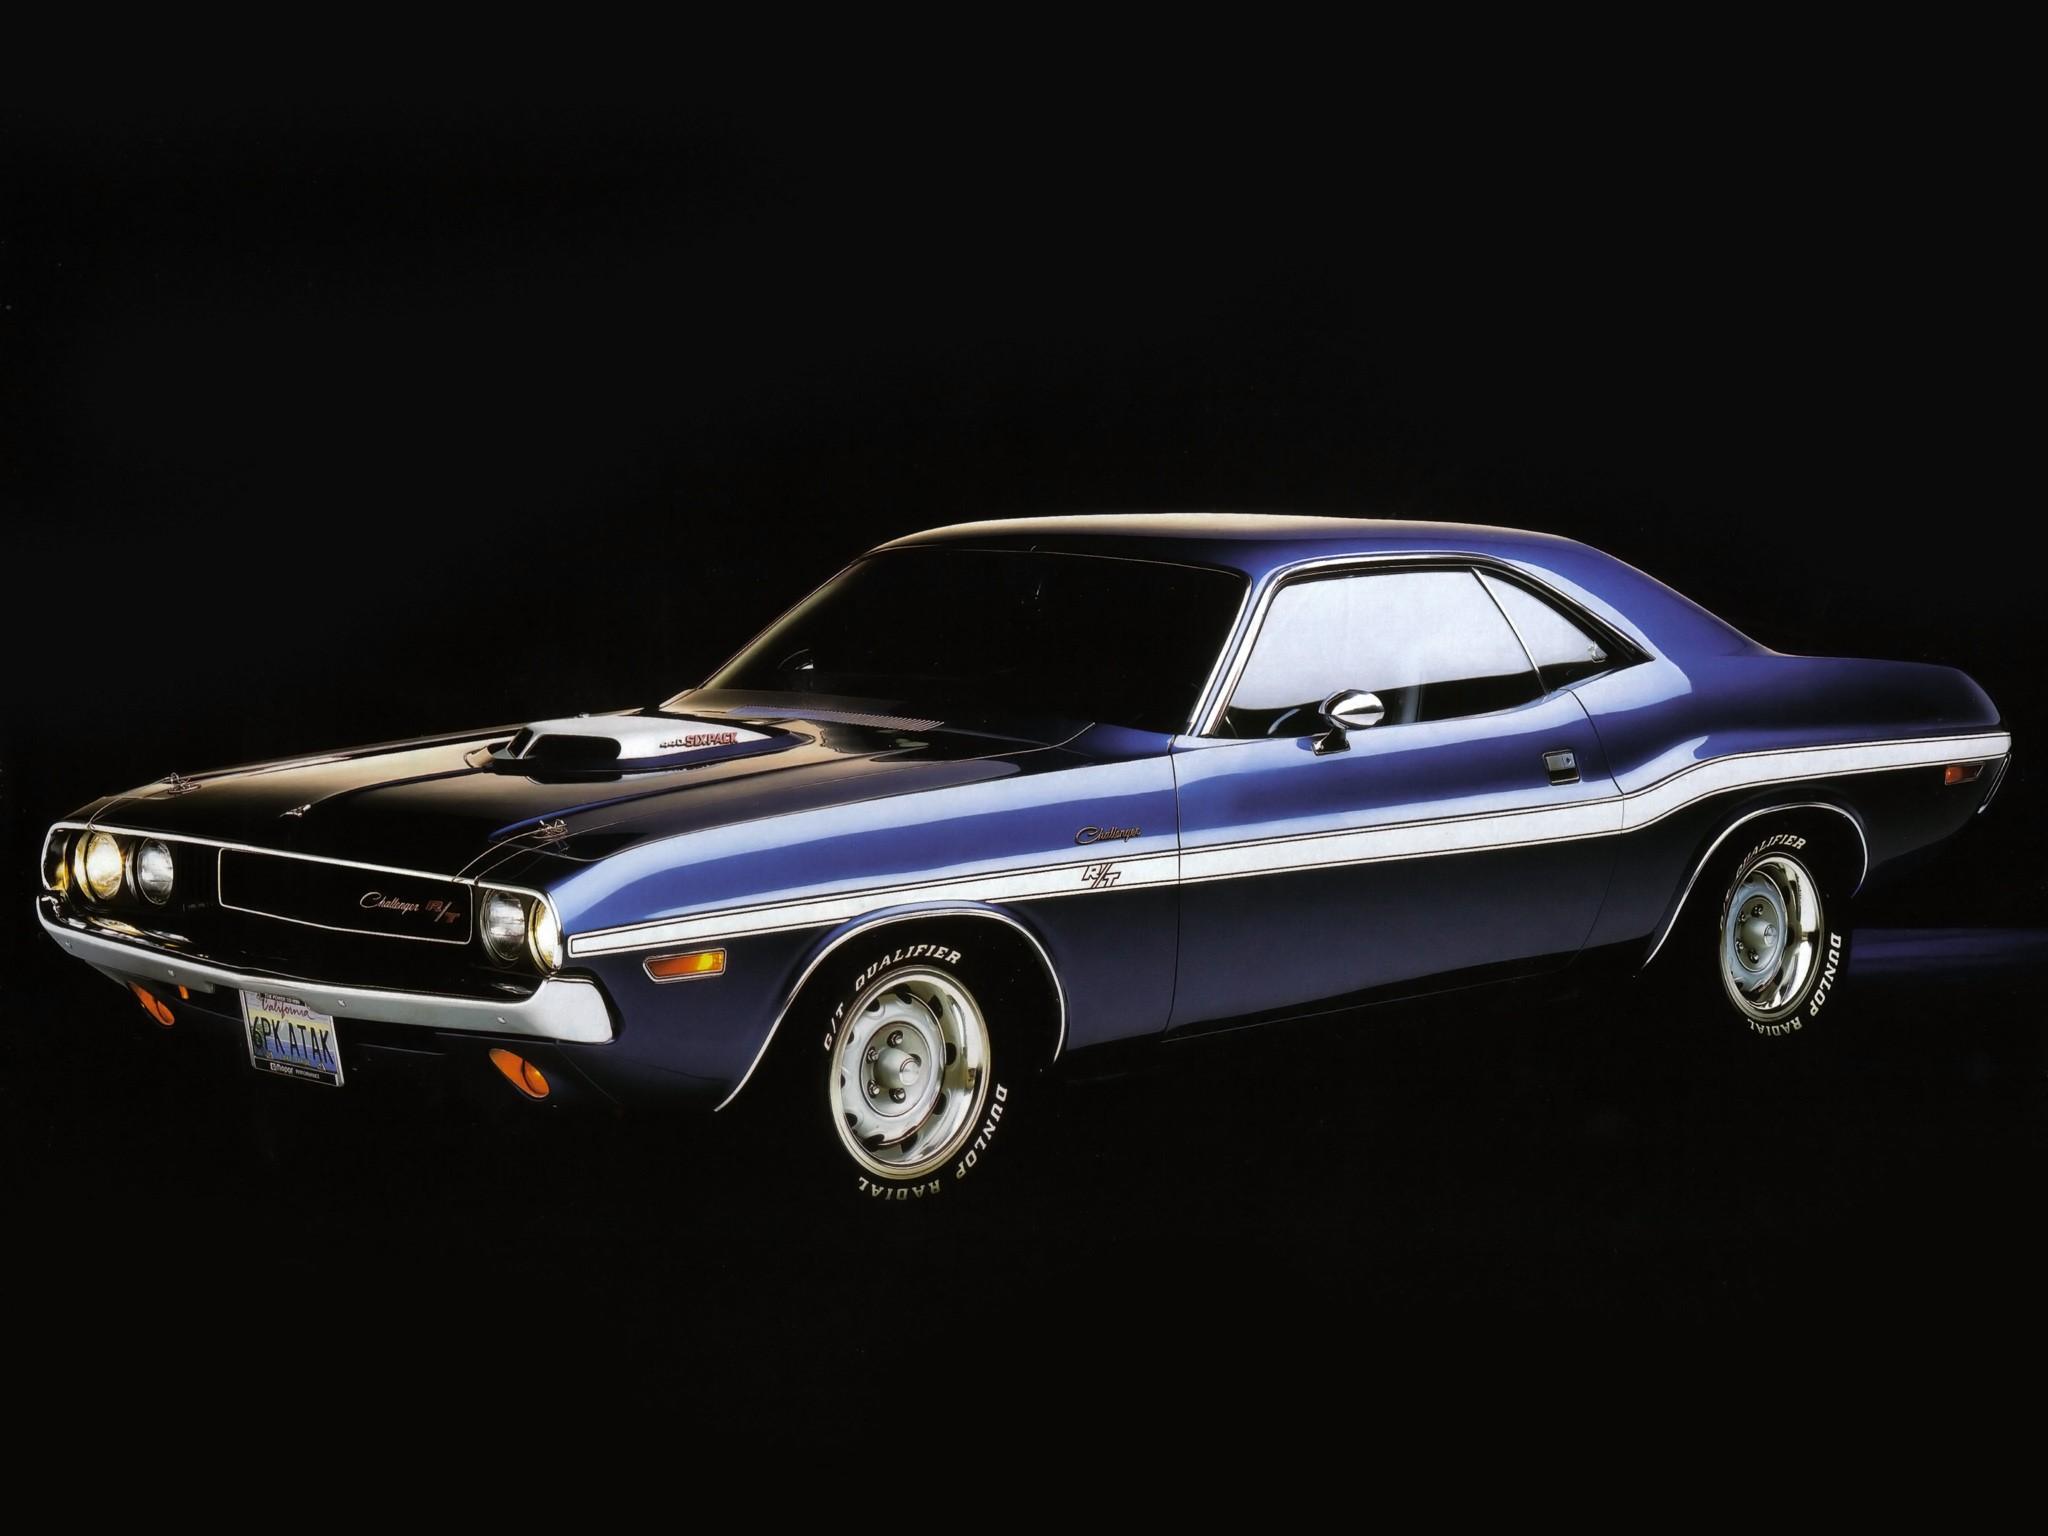 Dodge Challenger on Dodge V8 Engine